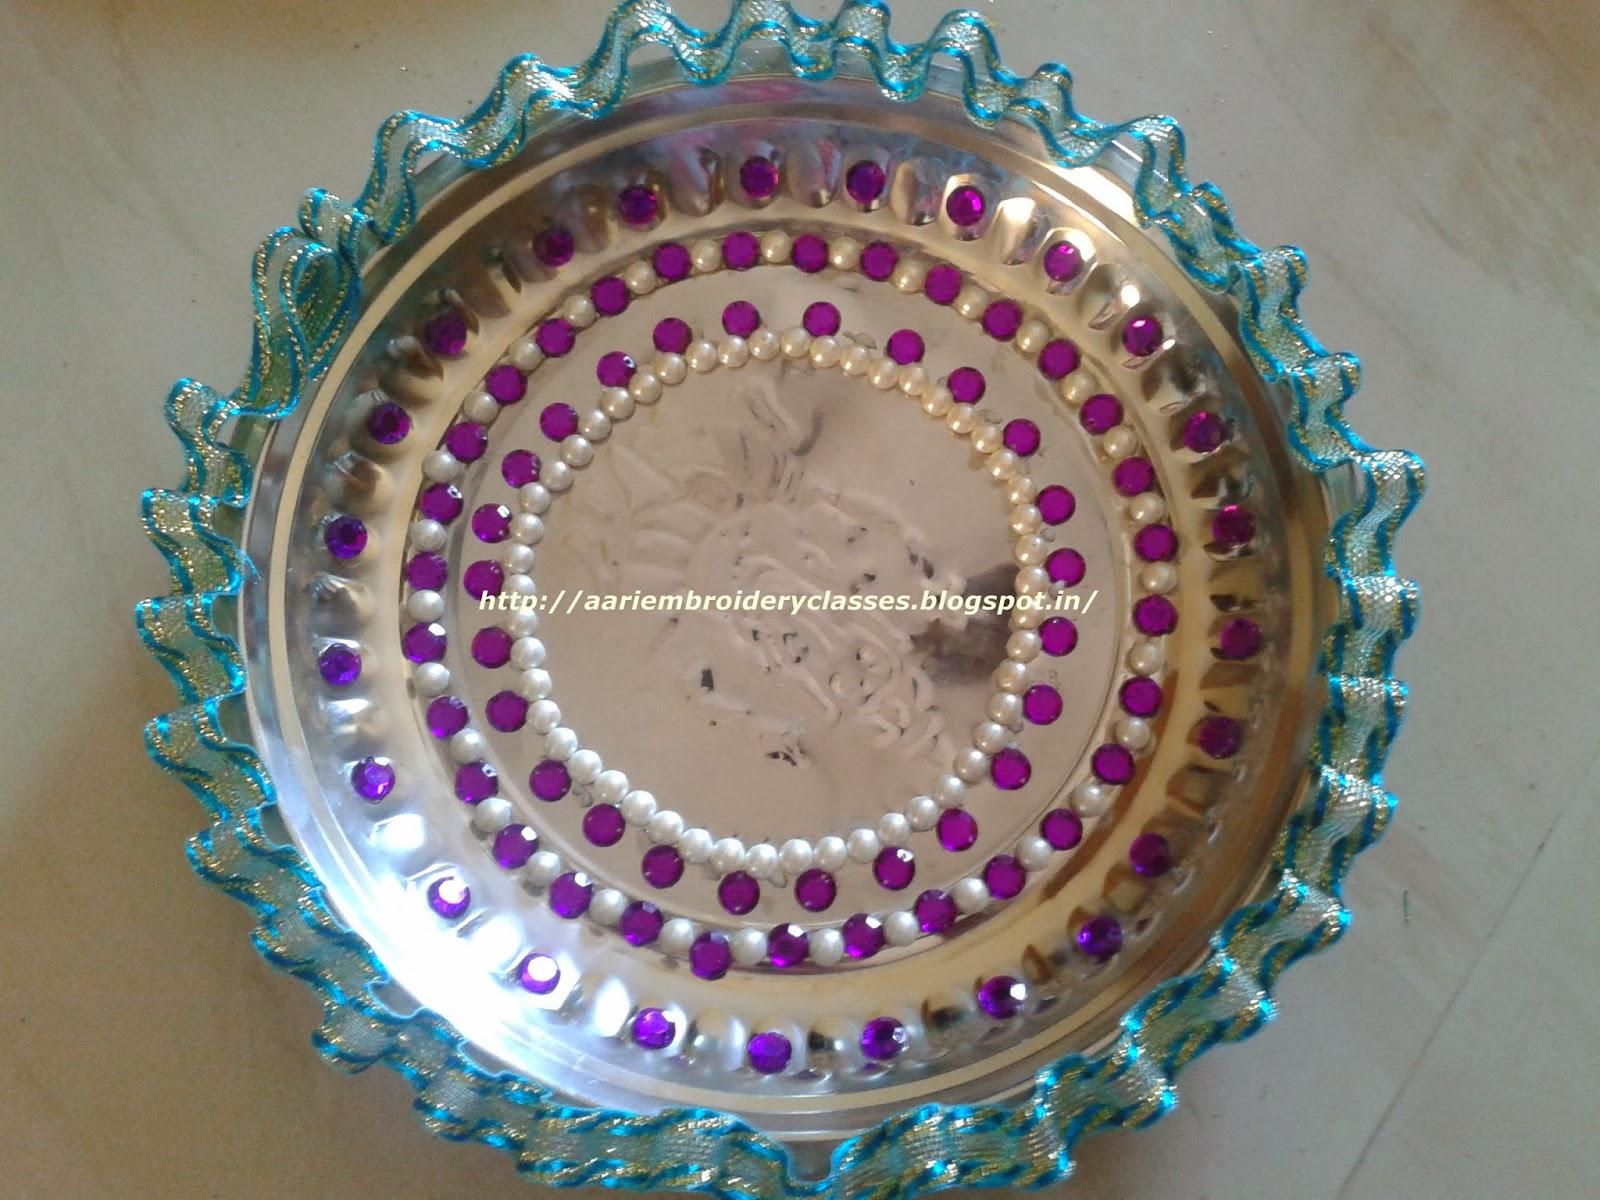 MARI AARI CREATIONS & MARI FASHION BOUTIQUE : WEDDING AARATHI PLATES